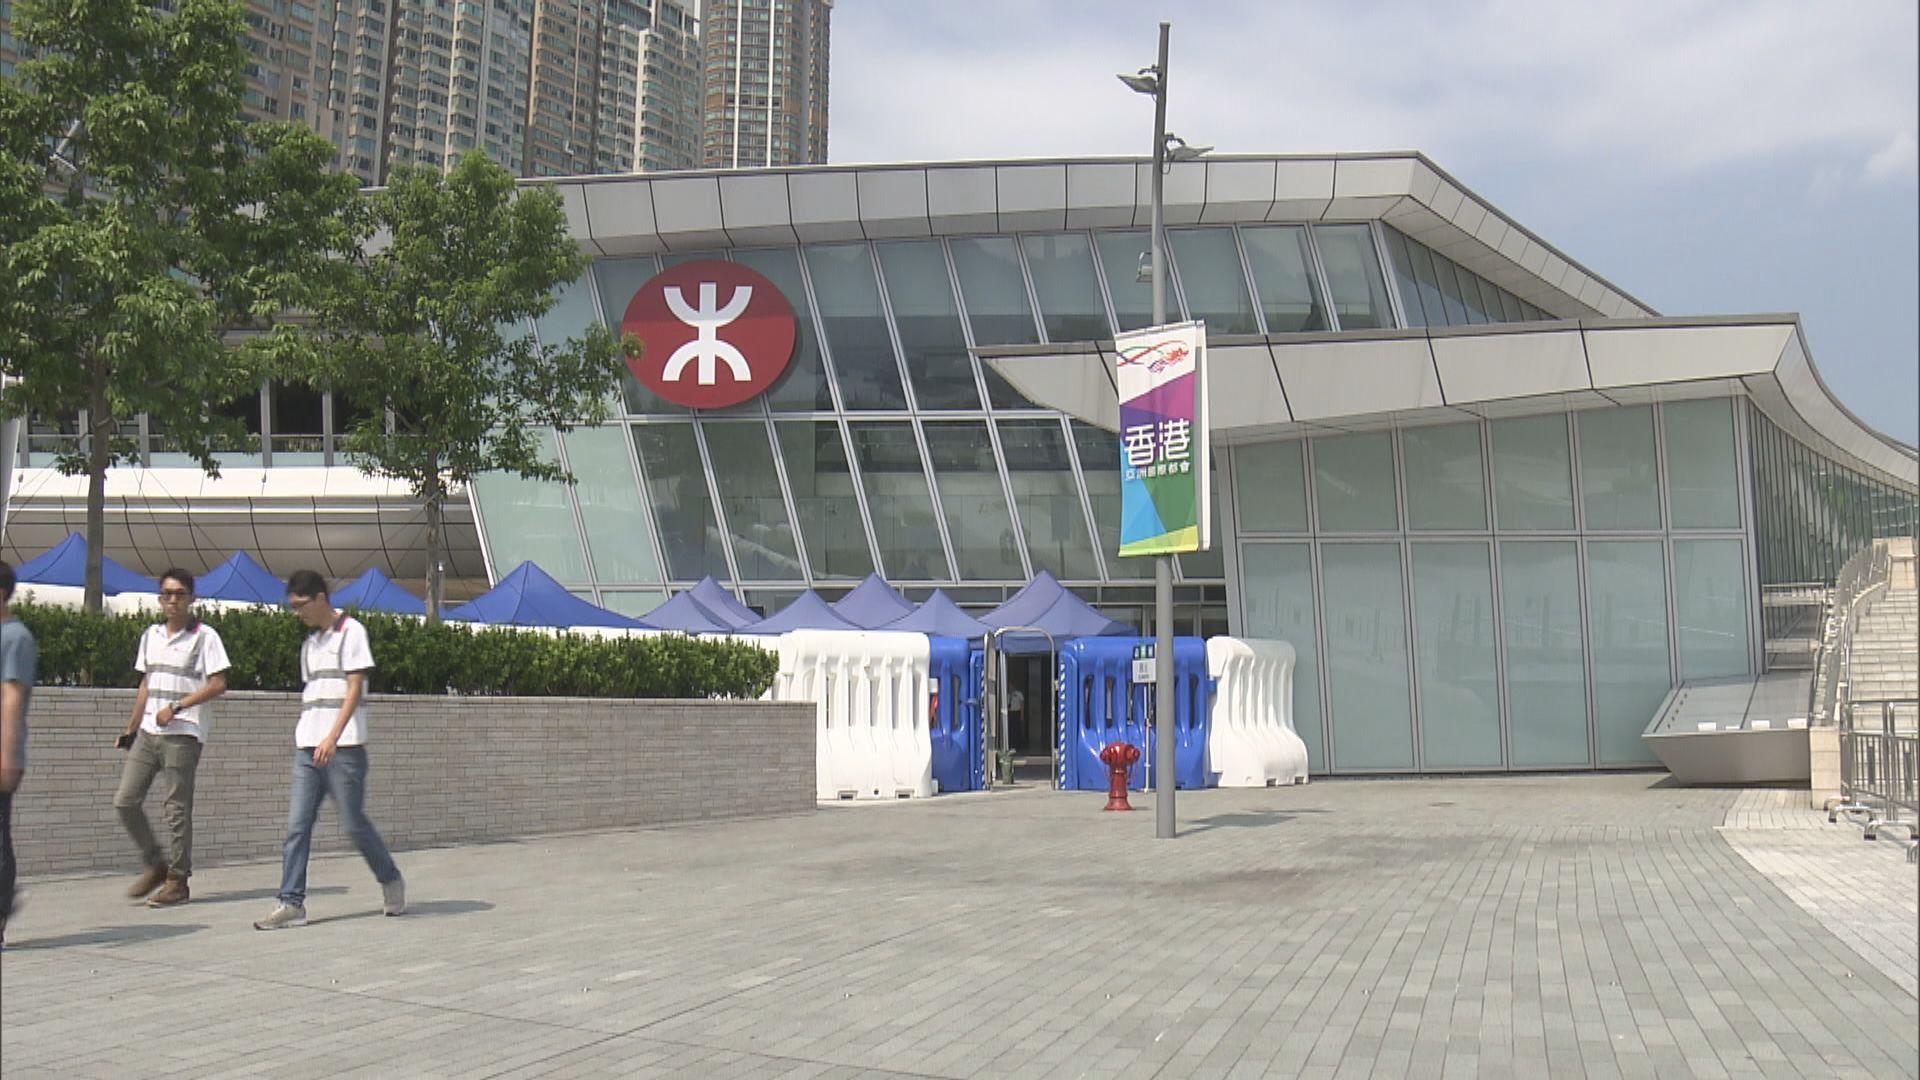 港鐵:周日乘客須持車票及旅遊文件進入西九站